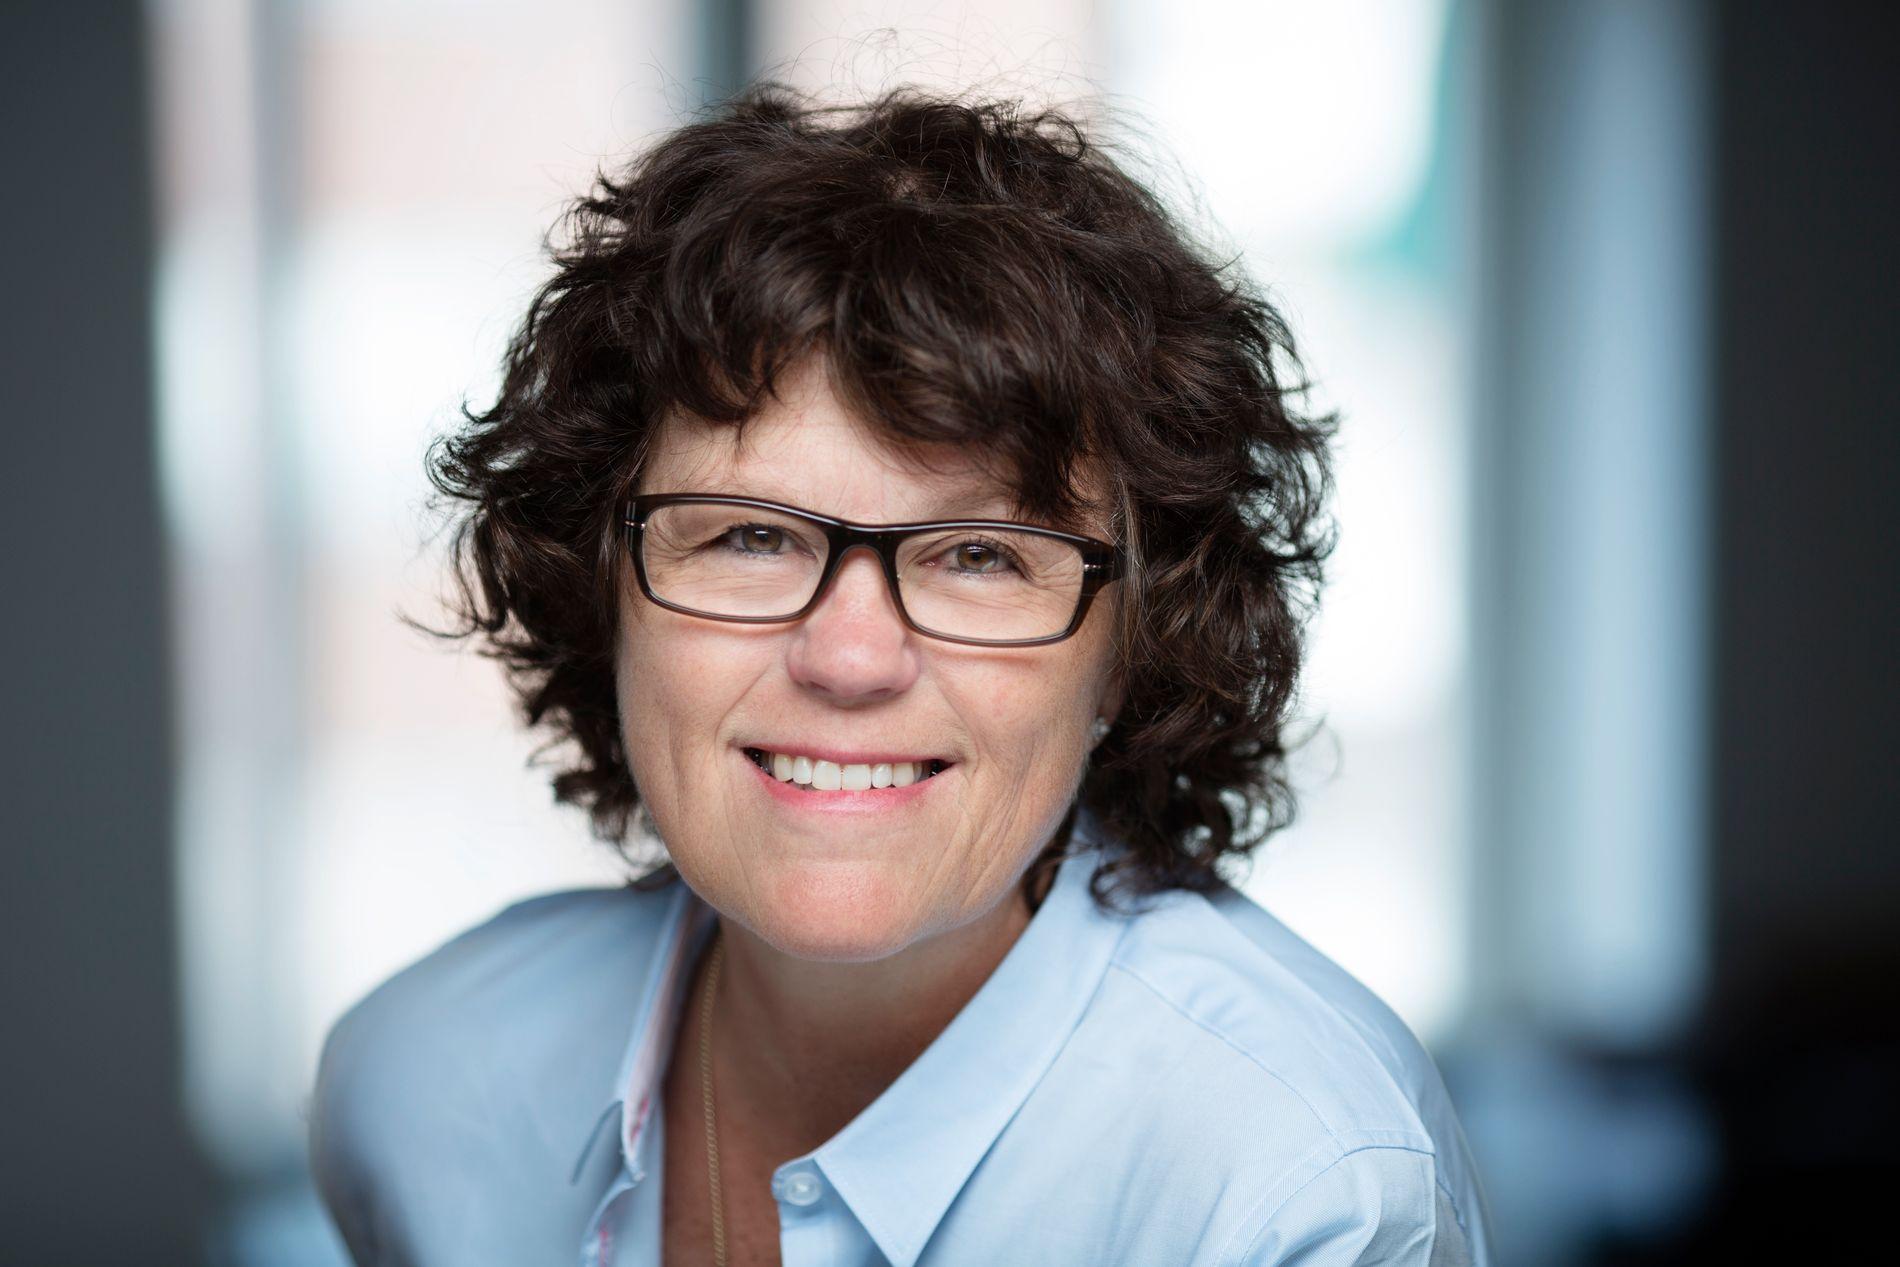 MISFORNØYD MED KURSEN: Forfatter og tidligere justisminister Anne Holt har stemt Ap hele livet. Men i år sitter det svært langt inne.